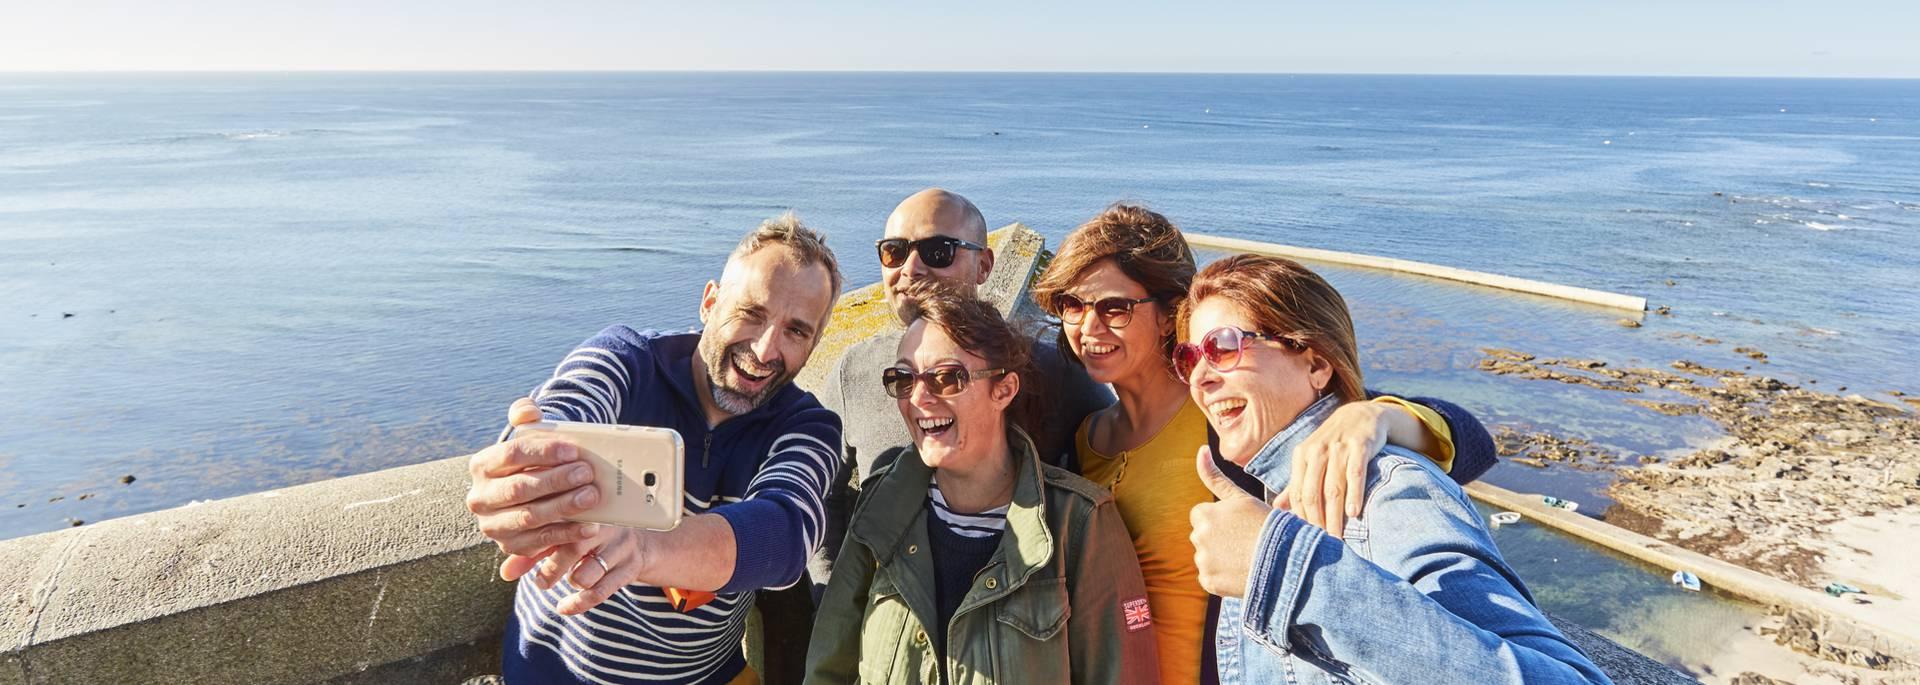 Selfie entre copains en haut du phare d'Eckmühl © A Lamoureux